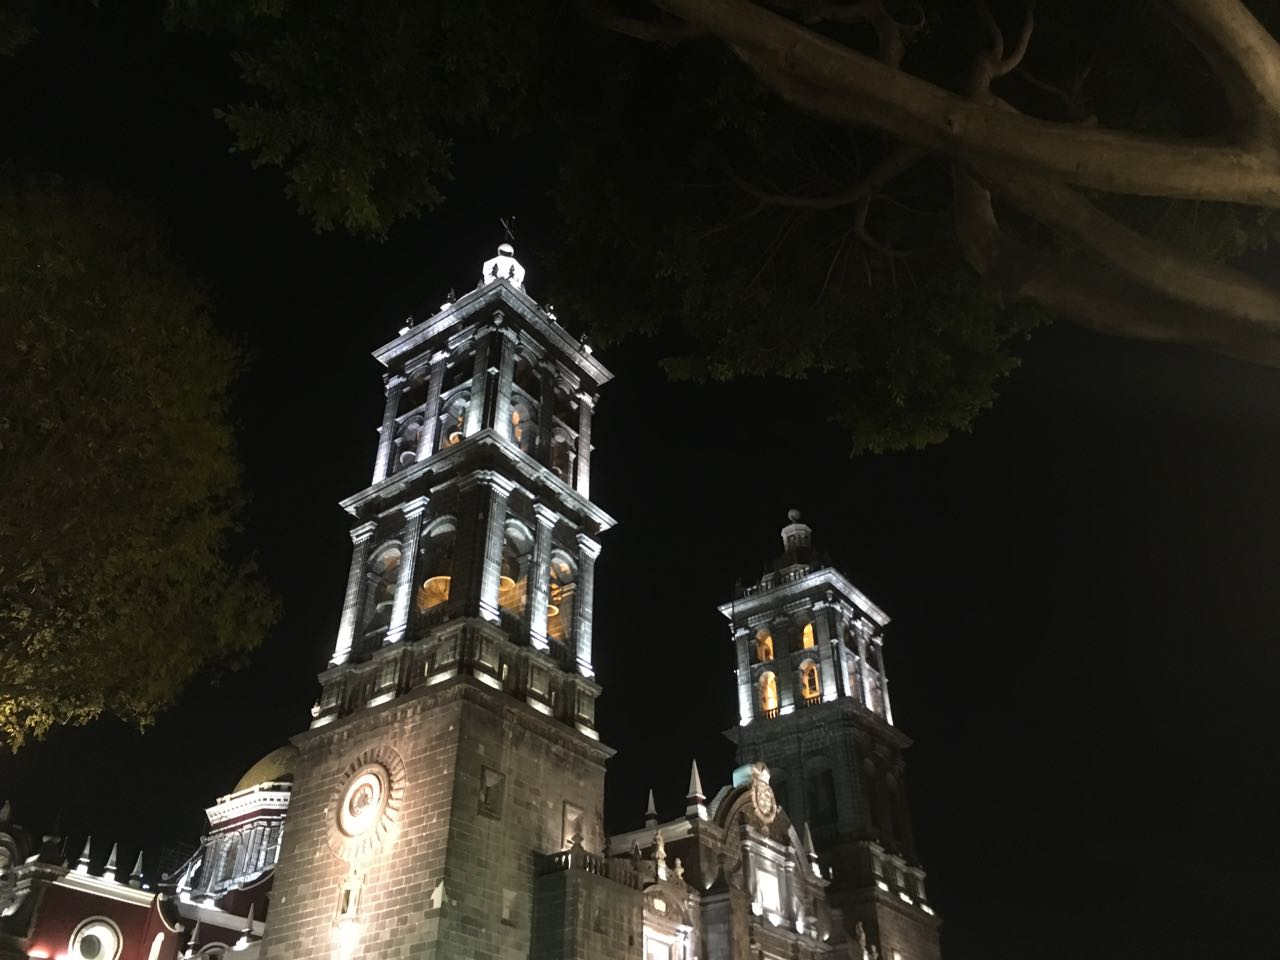 Back in Puebla